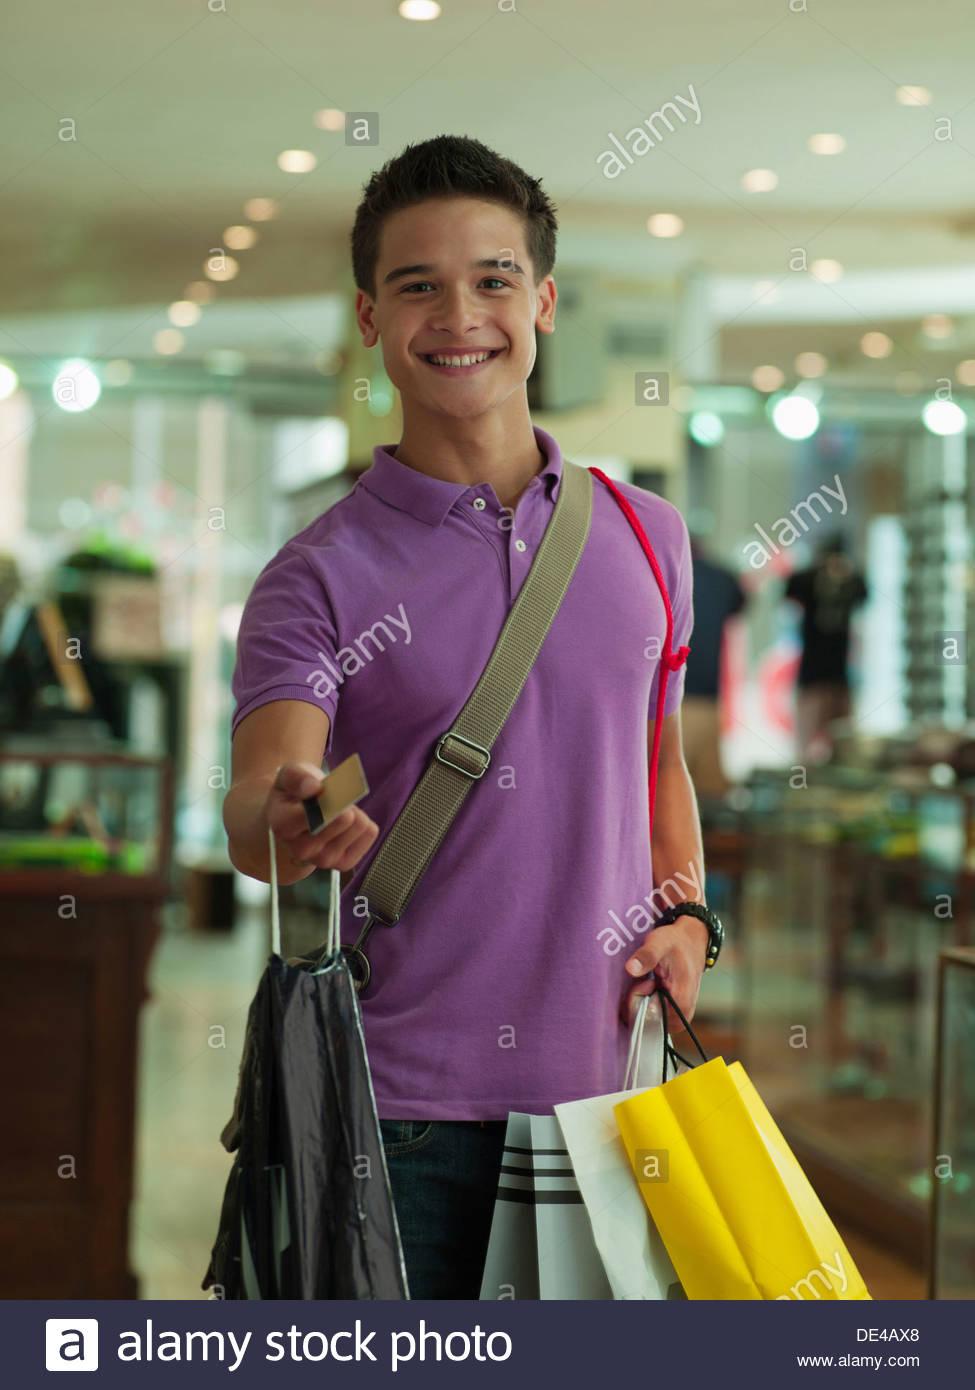 Hombre sonriente mostrar tarjeta de crédito con llevar bolsas de la compra en la tienda Imagen De Stock